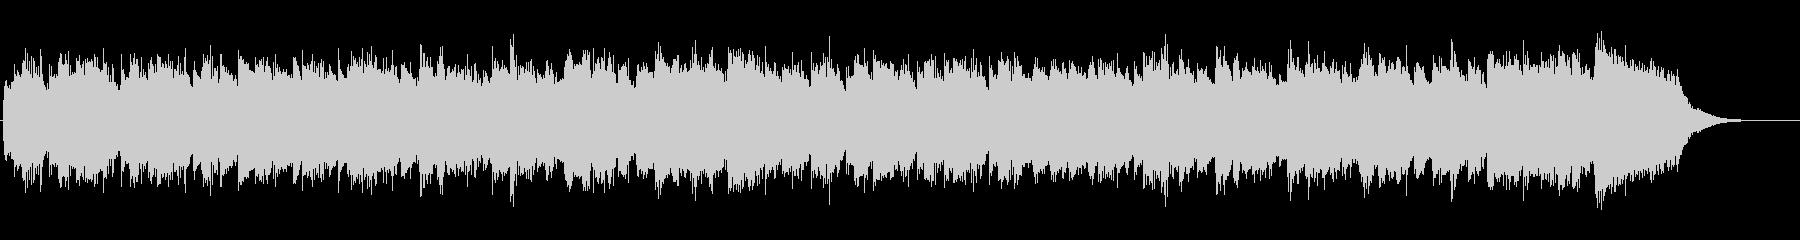 クラシック、ハープシコードの未再生の波形